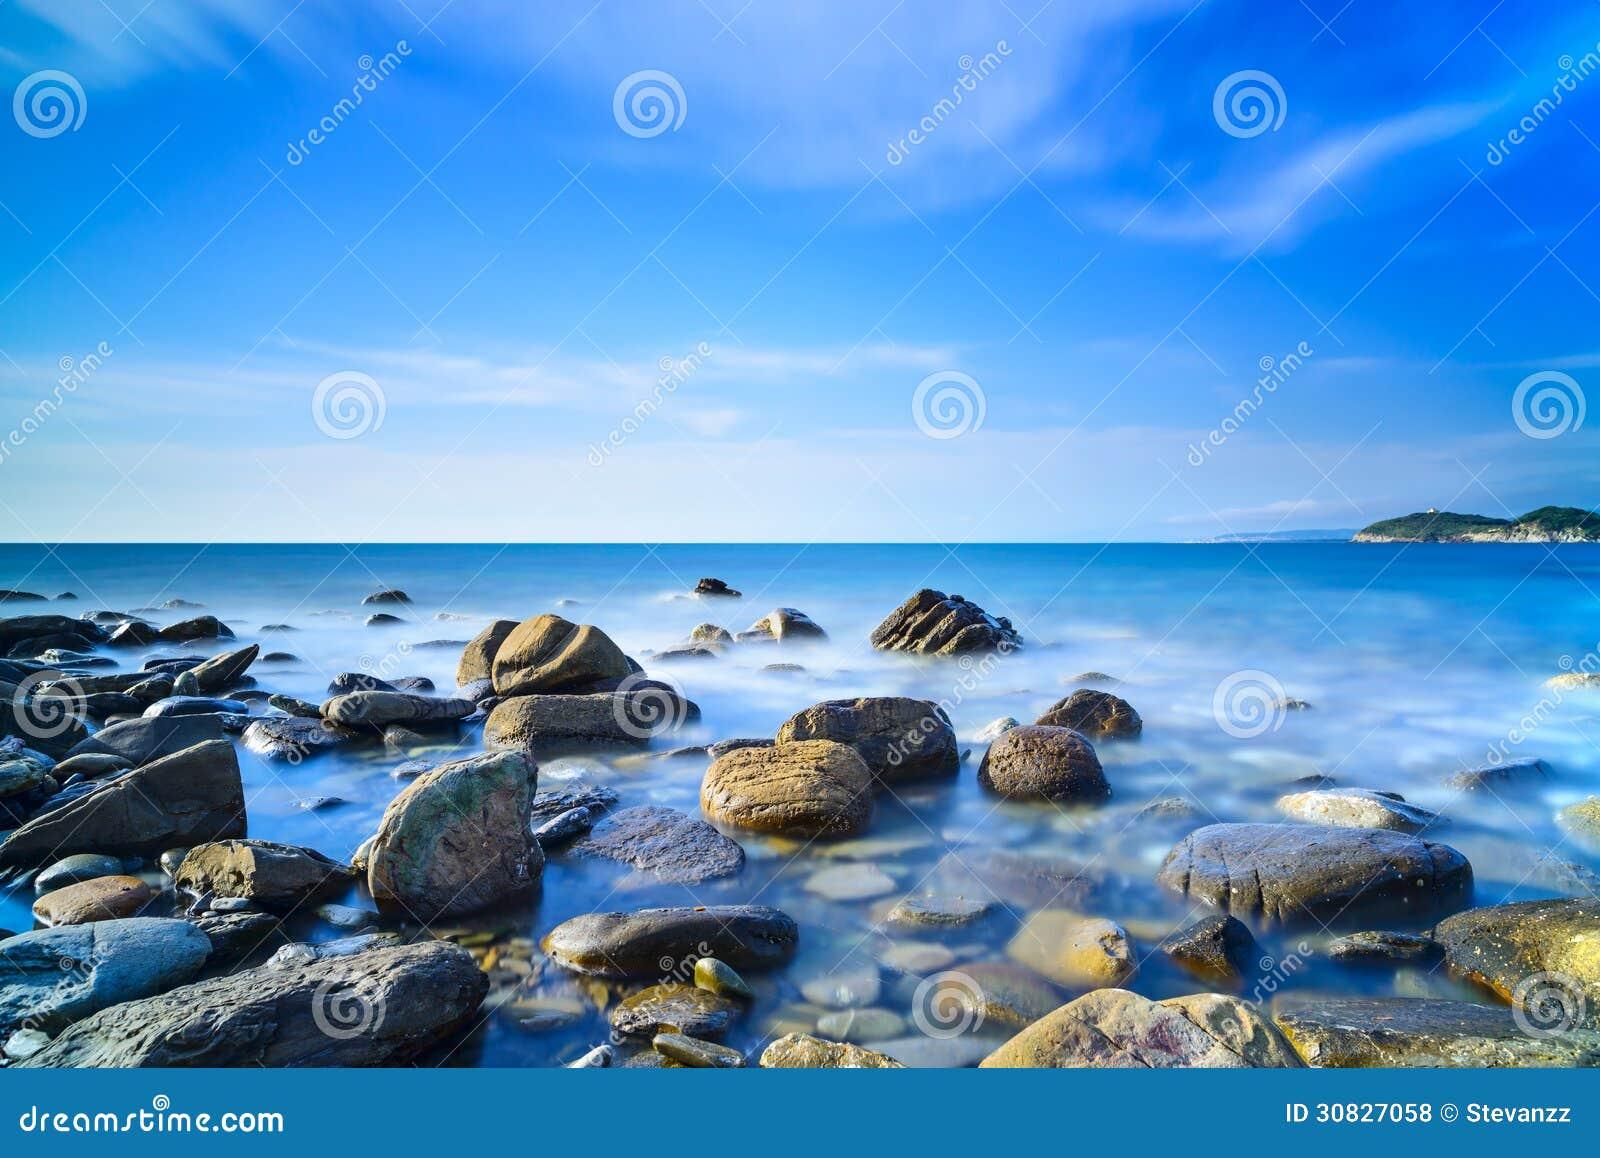 Baia di Baratti, rocce in un oceano blu sul tramonto. La Toscana, Italia.